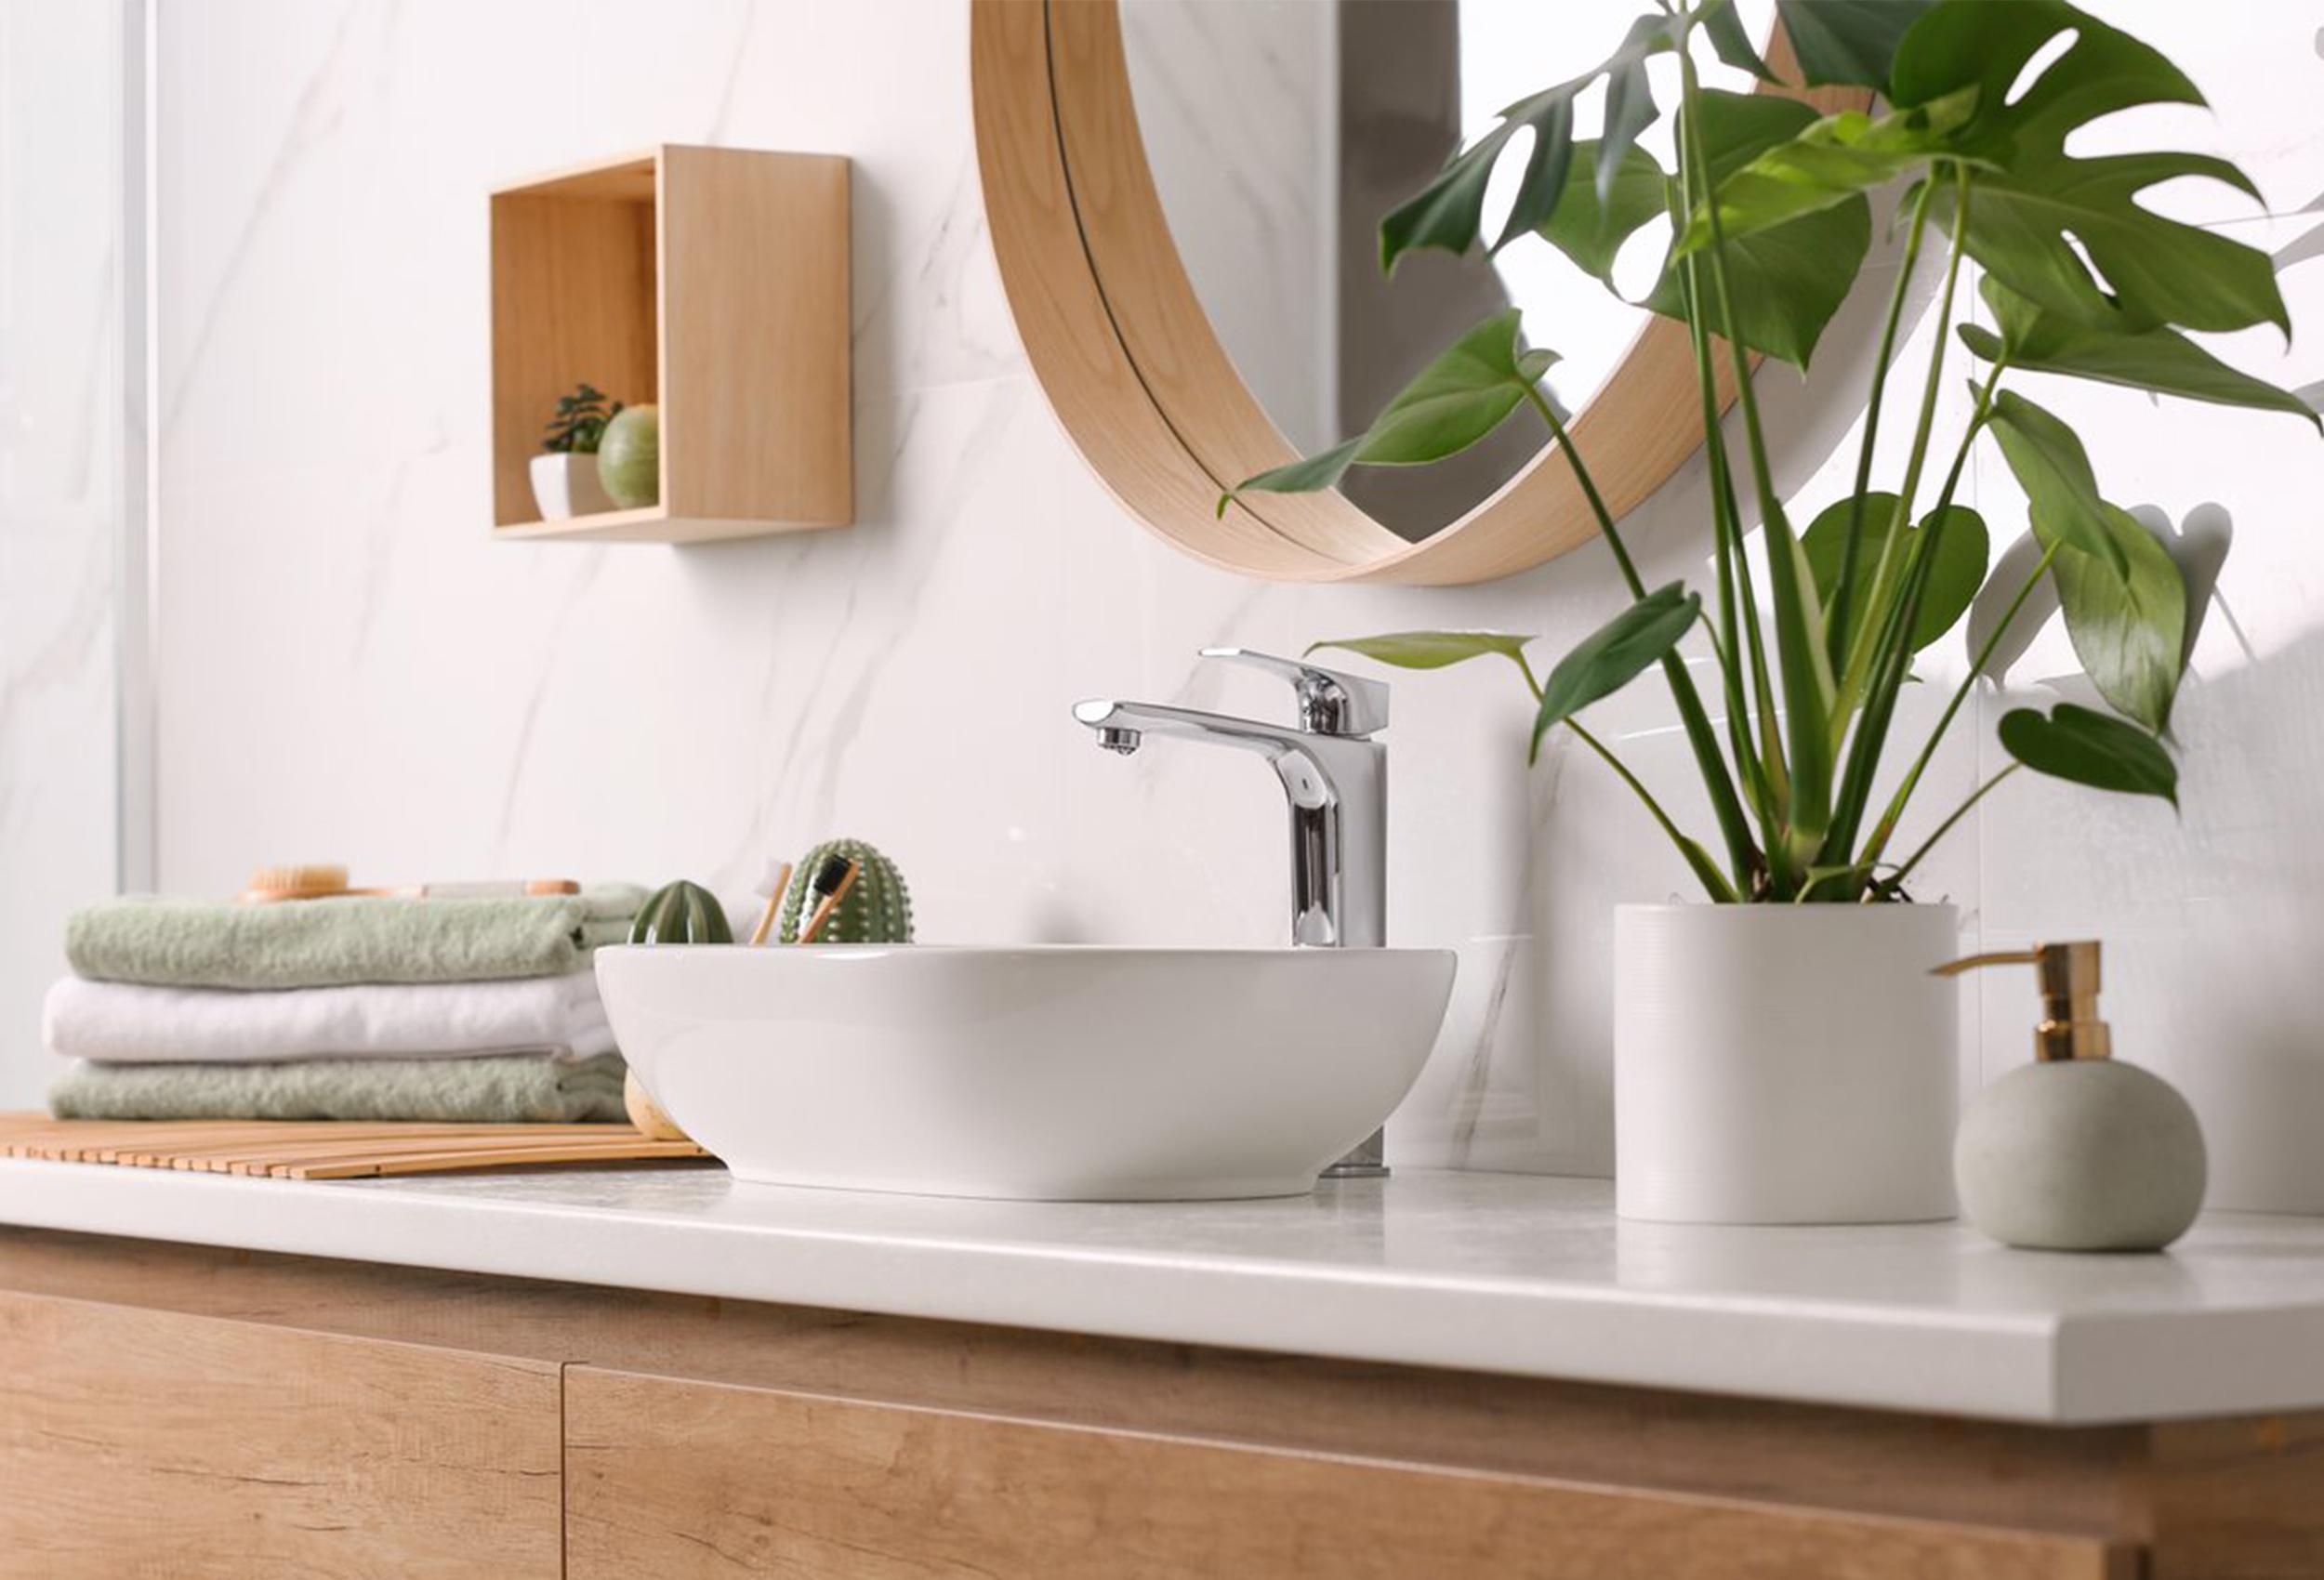 rubinetteria lavabo bagno ambiente